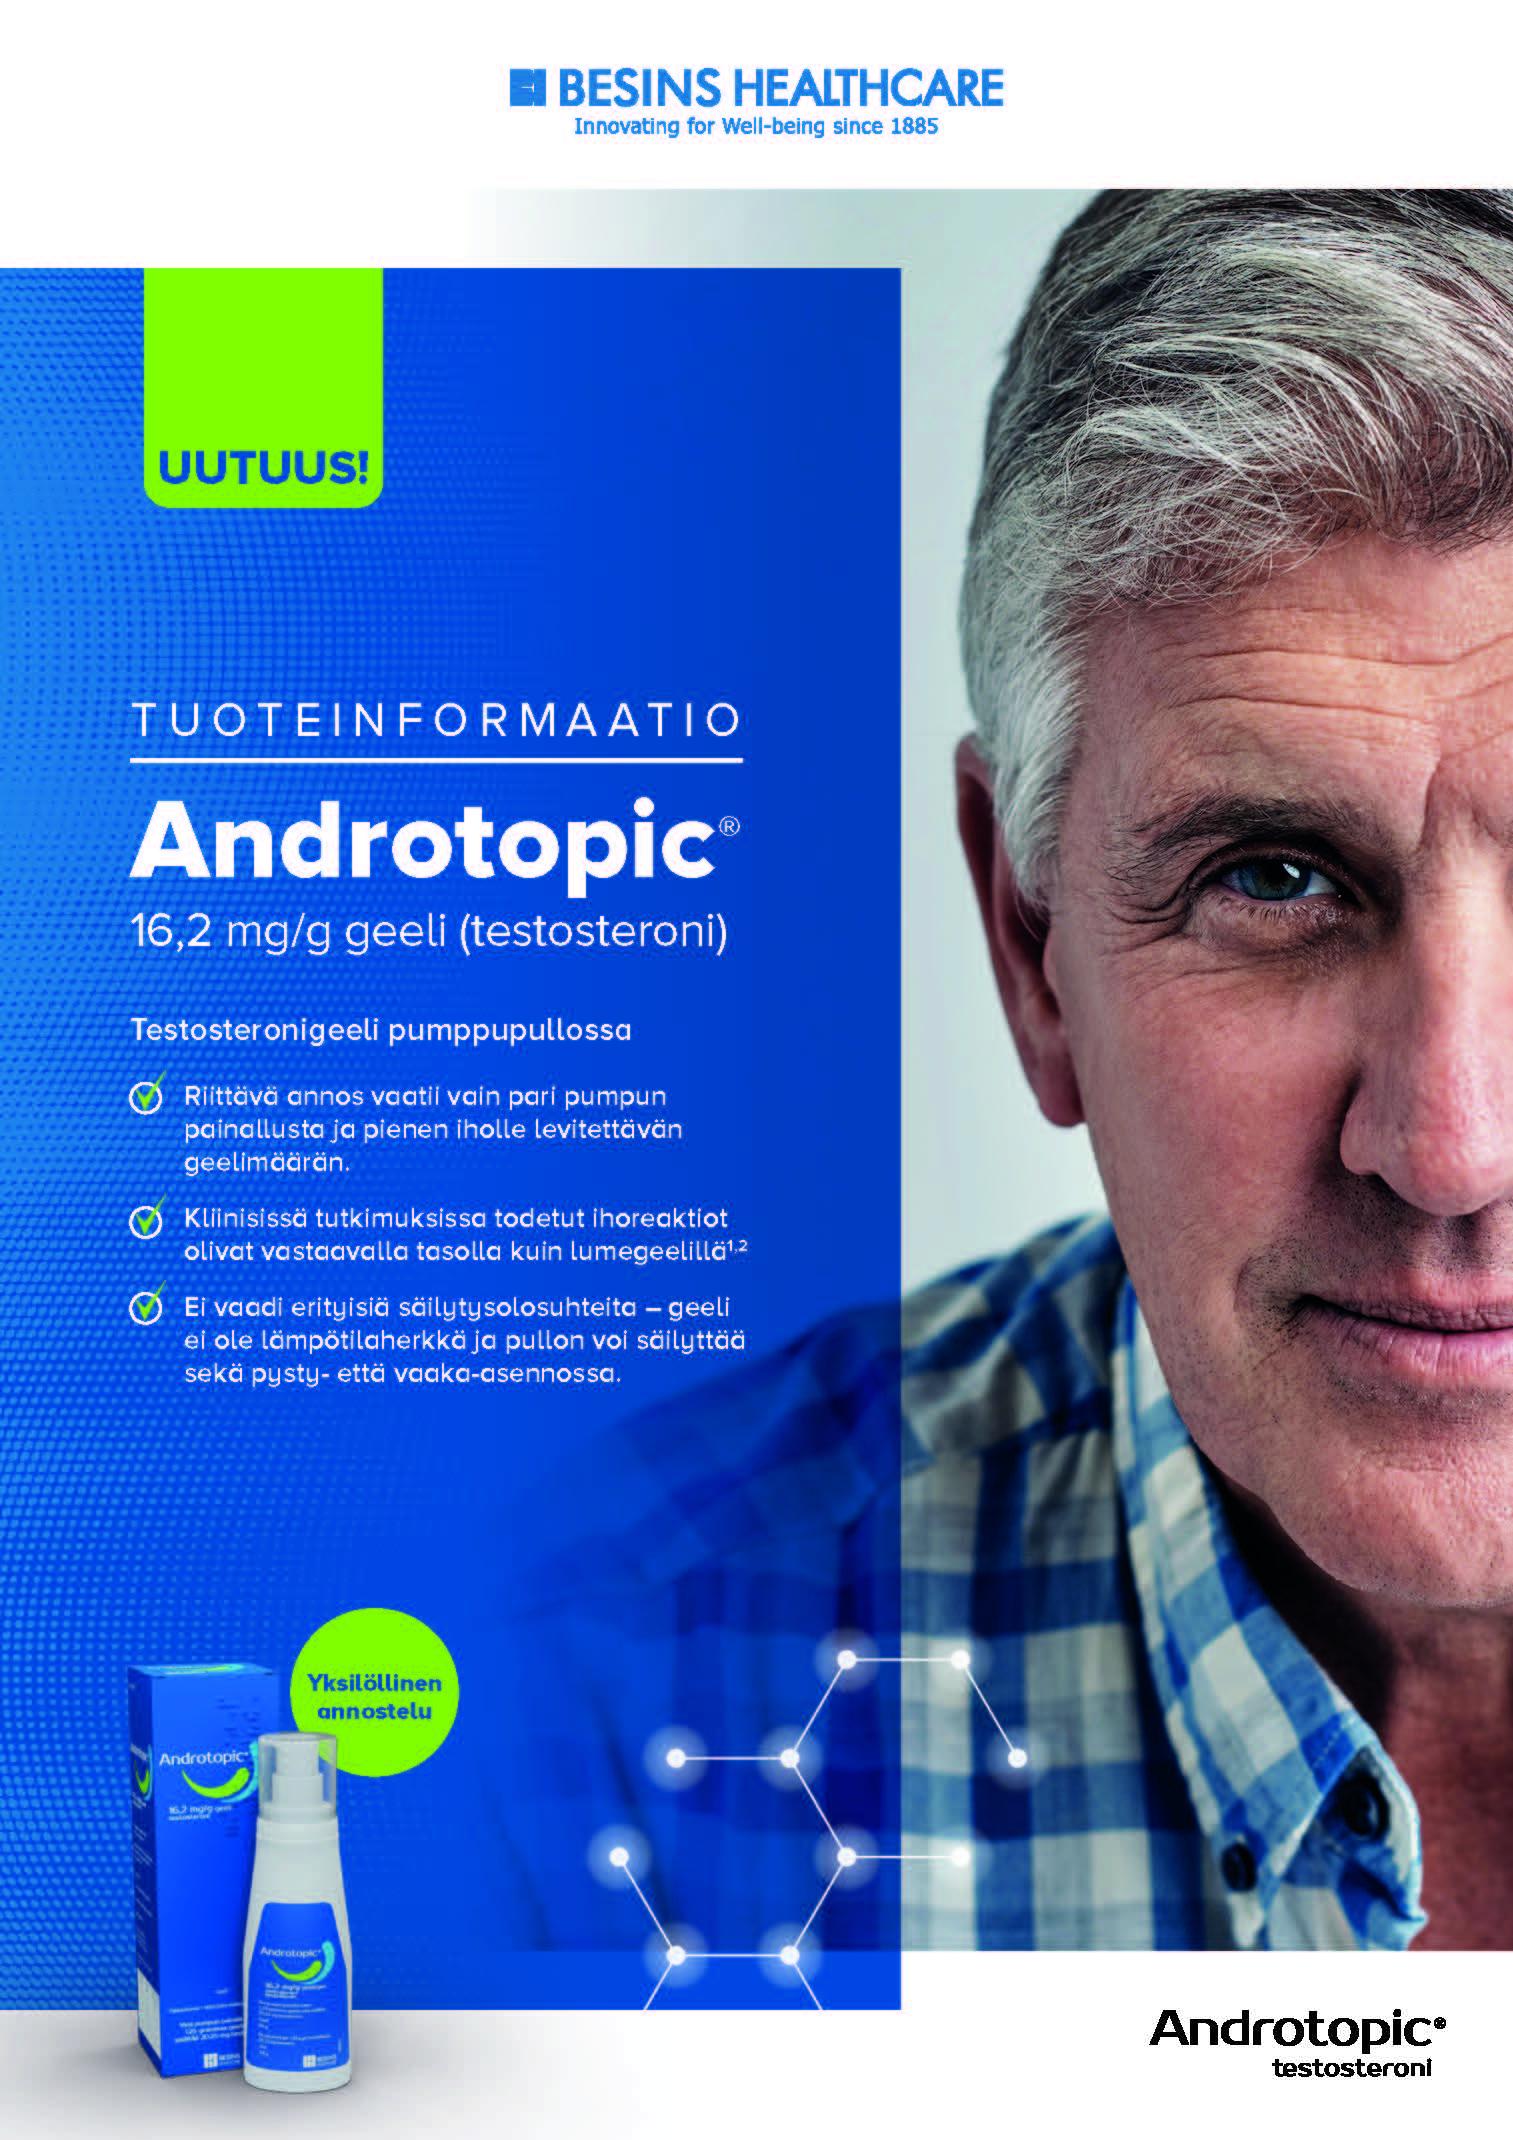 Produktinformation (finska) - Androtopic®